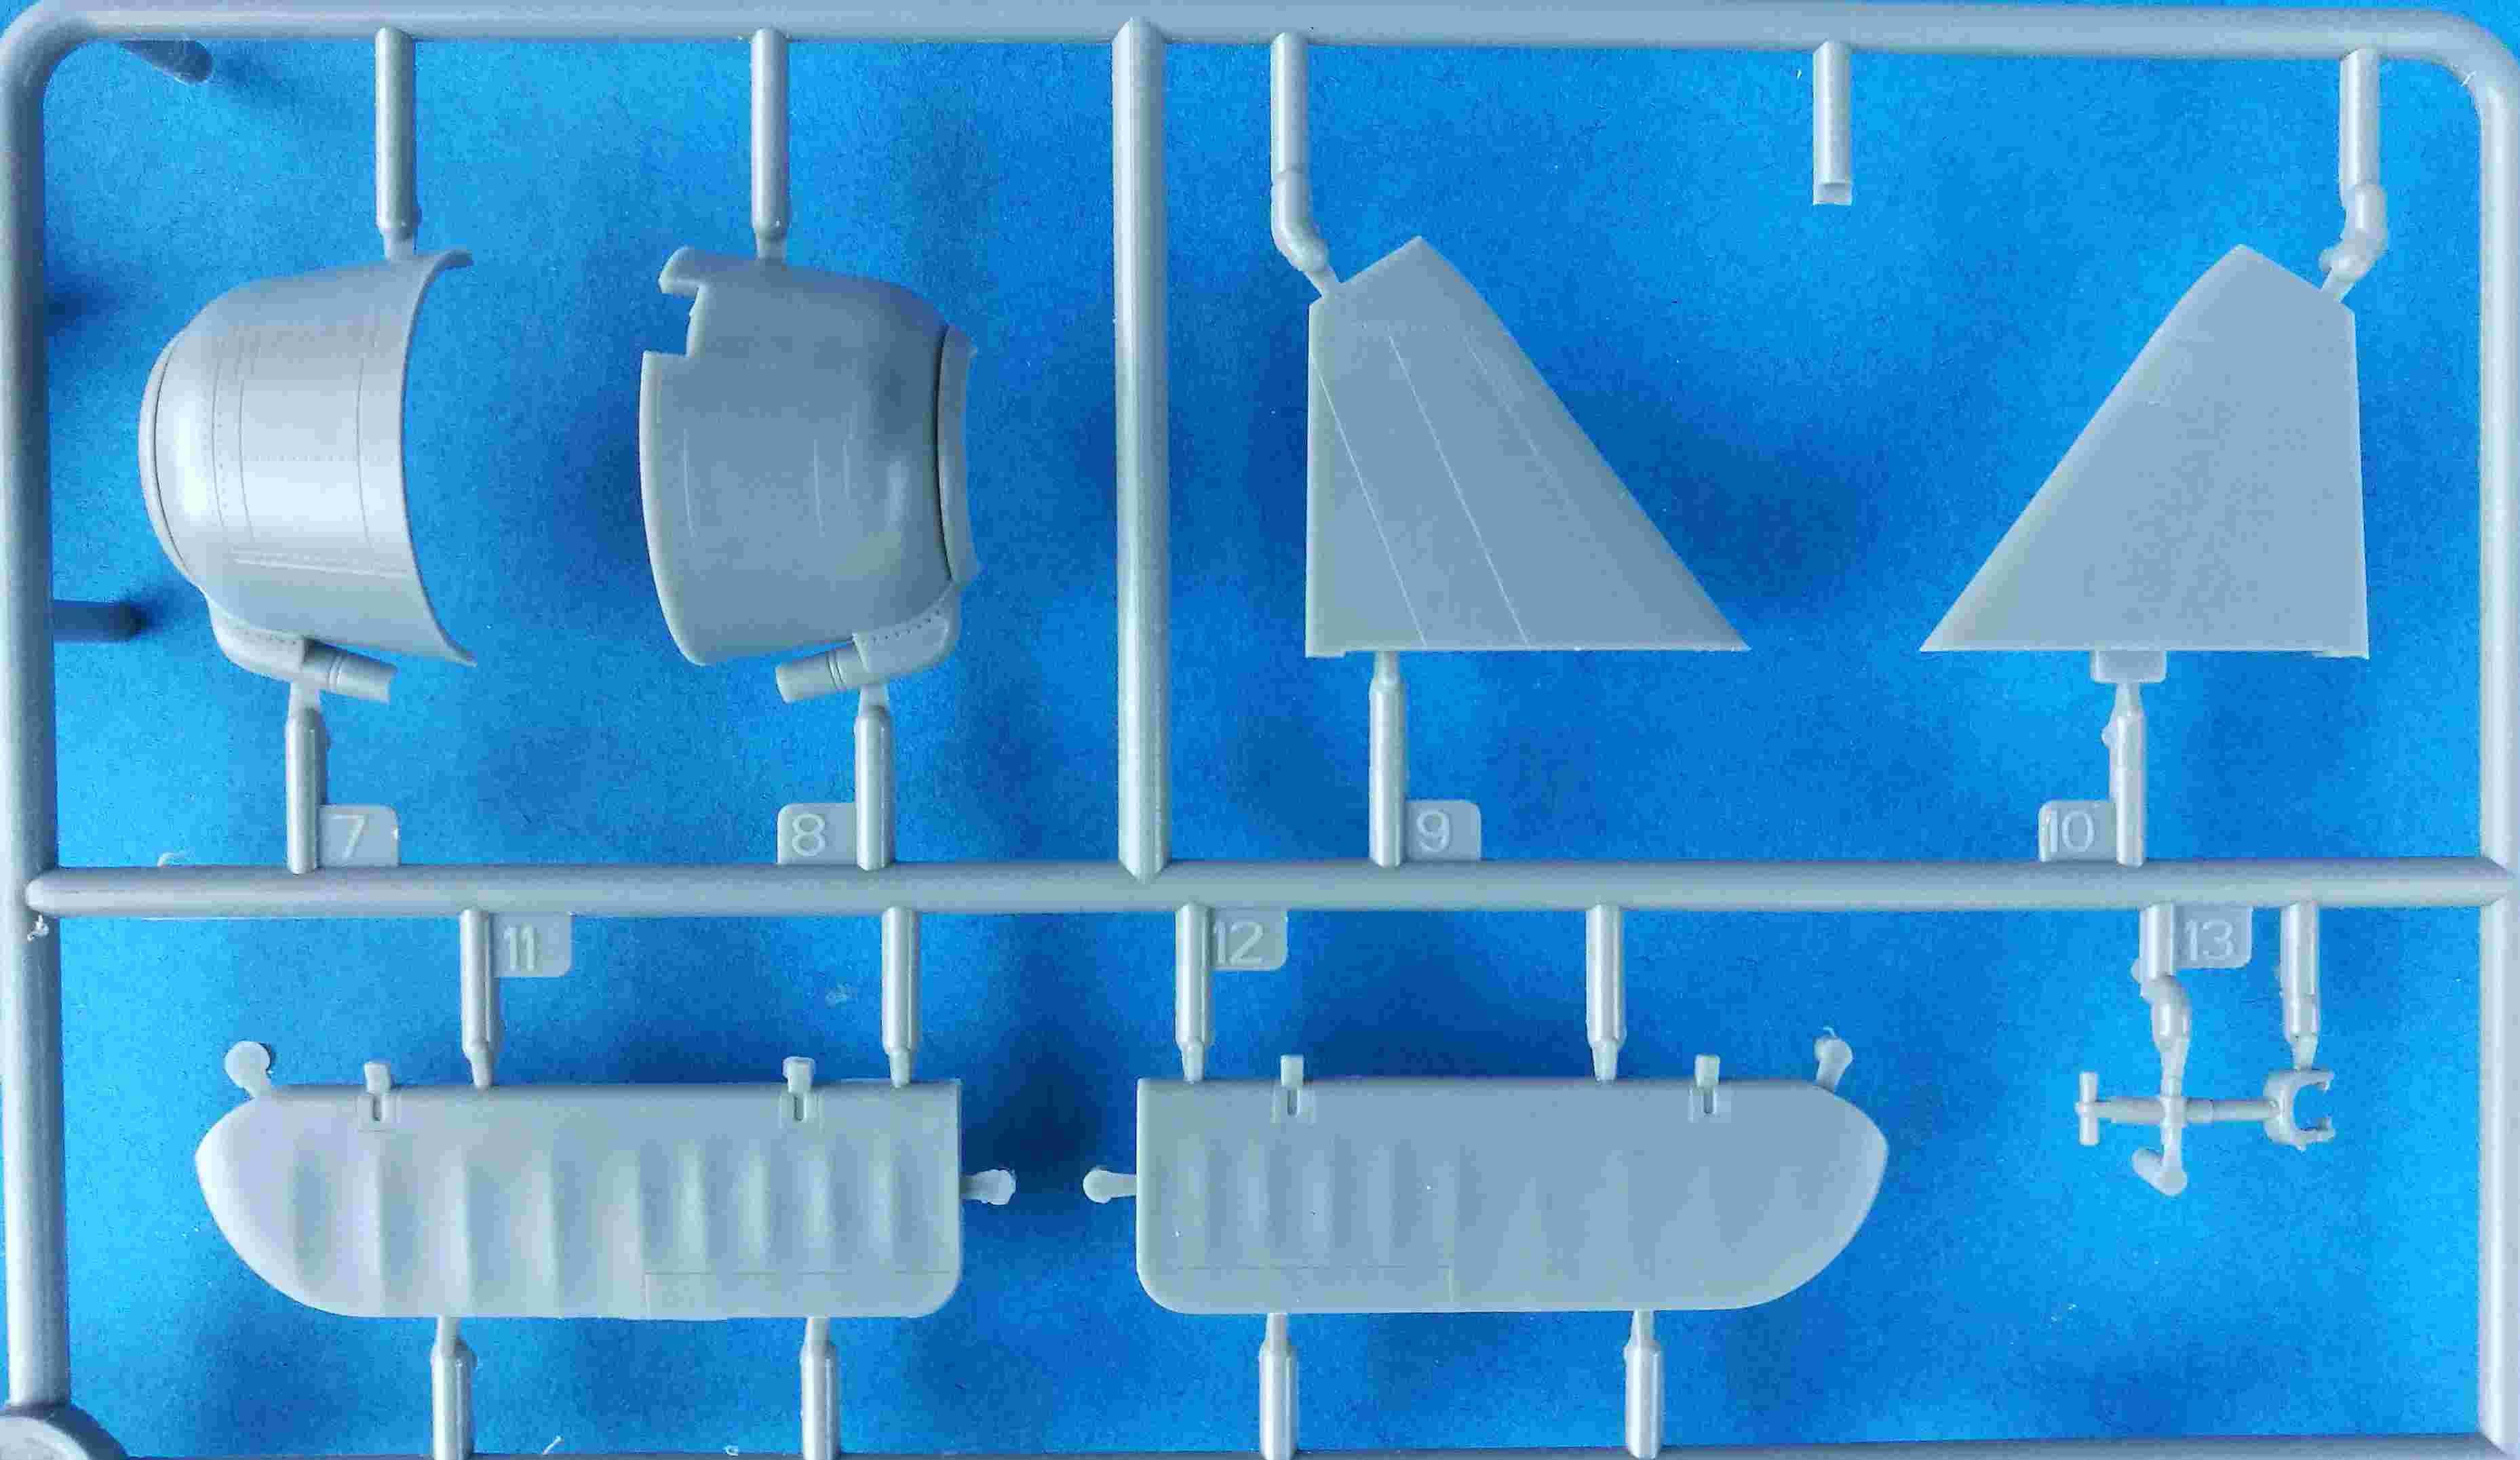 Trumpeter-02880-Fairey-Albacore-6 Fairey Albacore in 1:48  Trumpeter # 02880